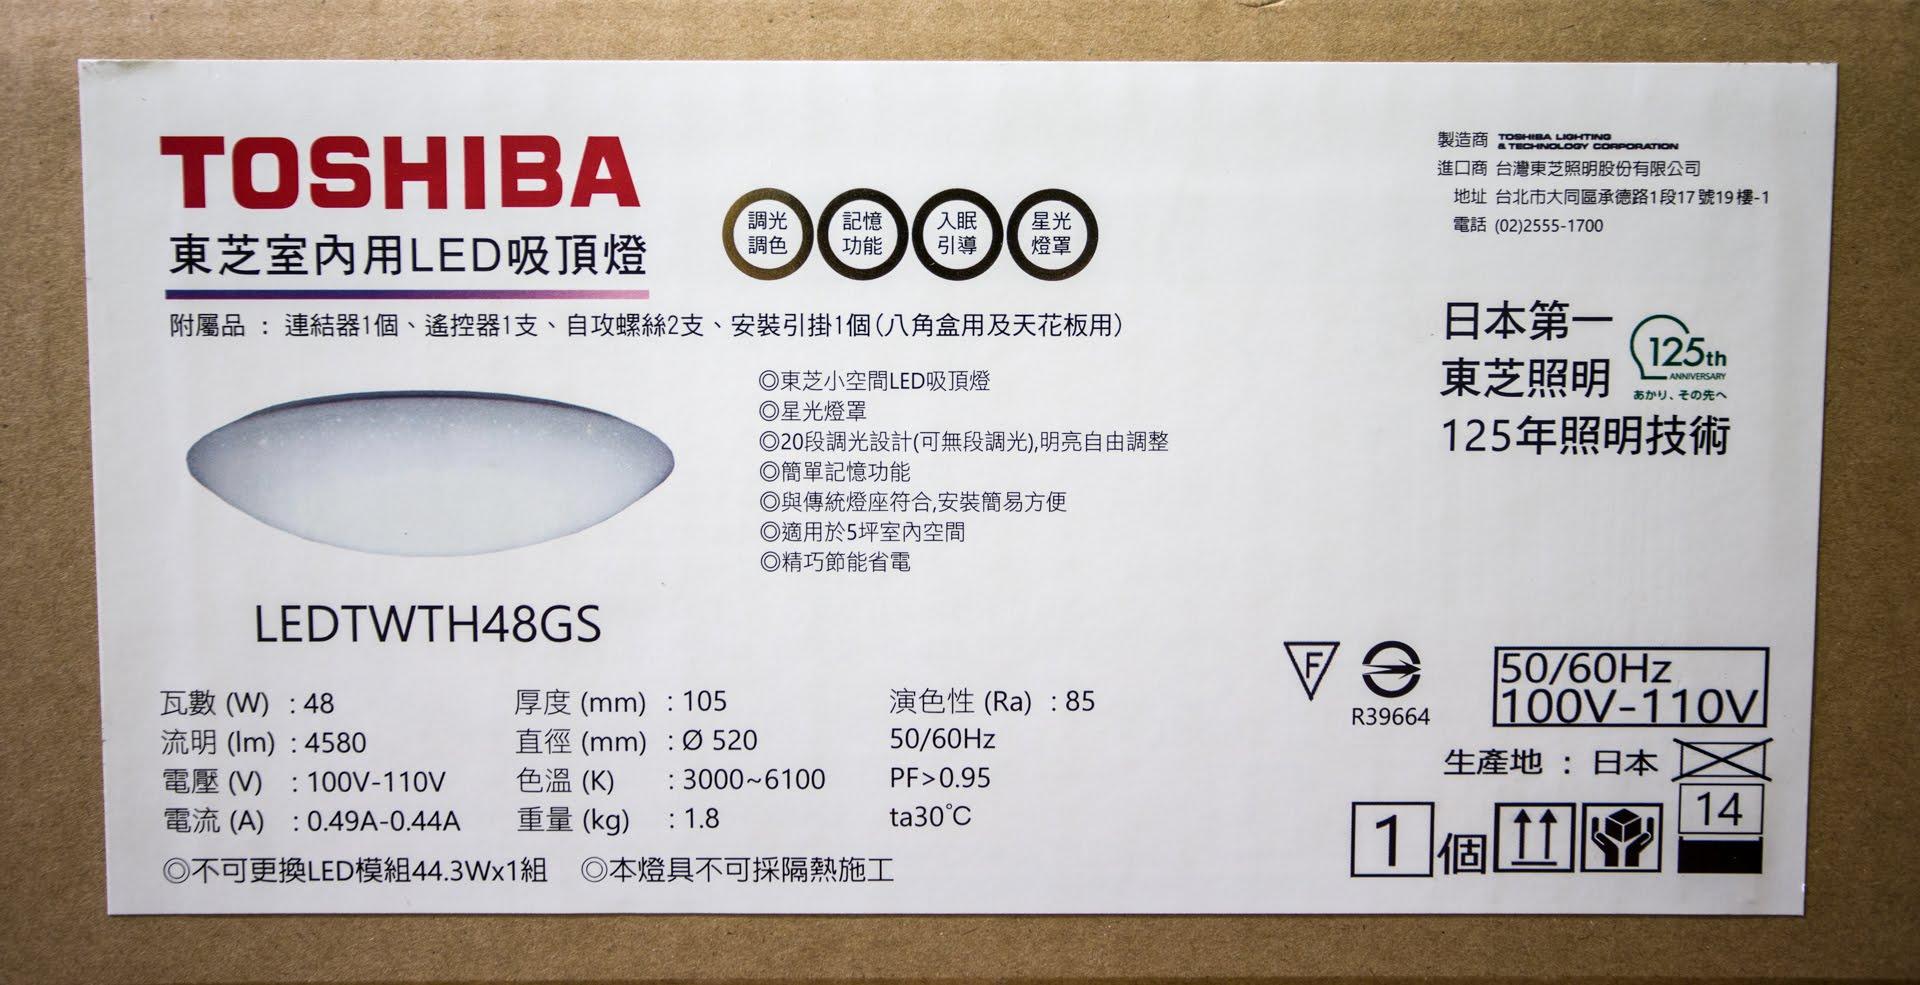 Toshiba微星空LED吸頂燈,日本製Toshiba微星空48W調光調色美肌LED吸頂燈